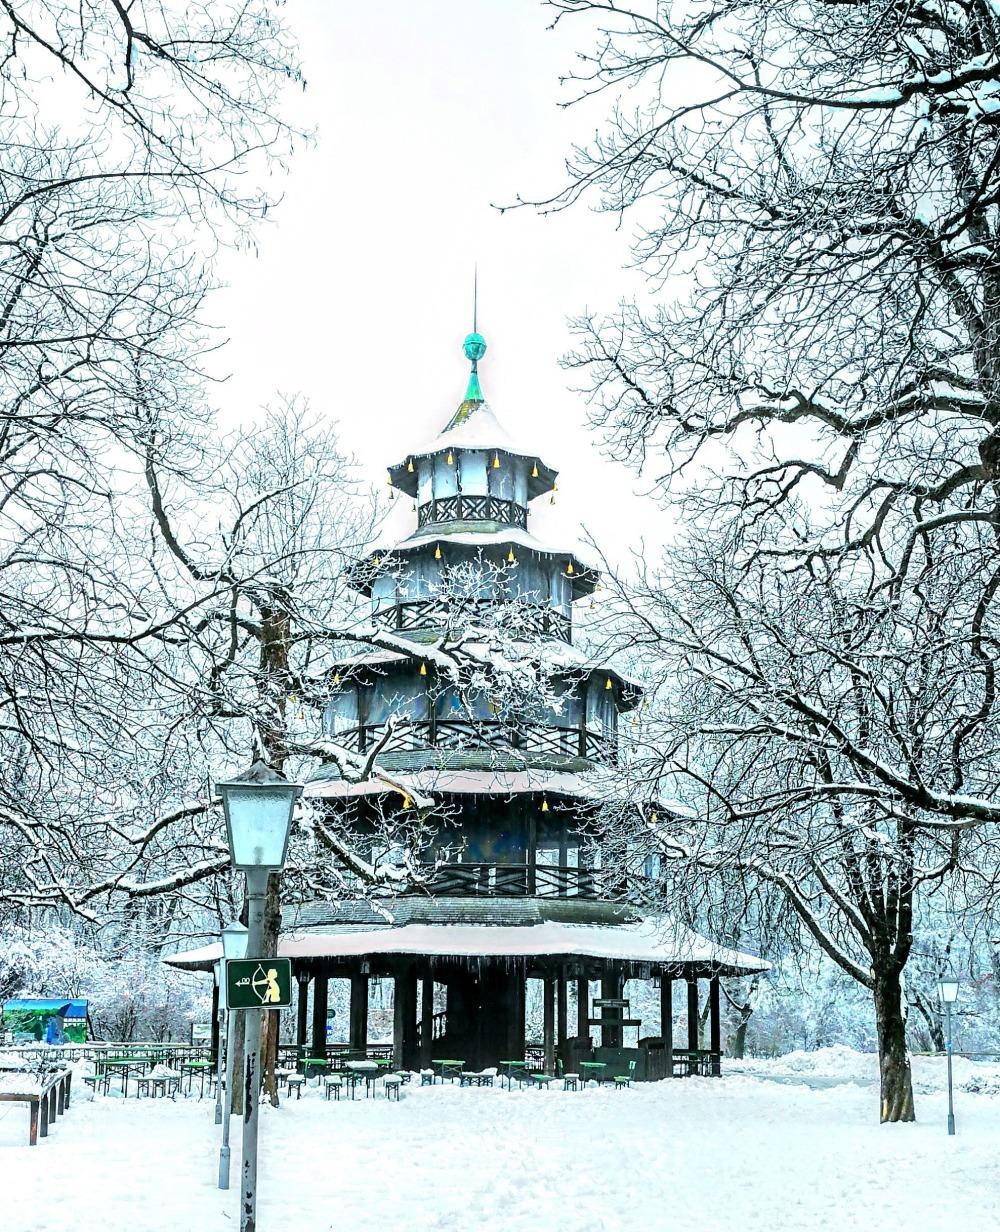 Chin Turm im Schnee -1 - 20190206.jpg